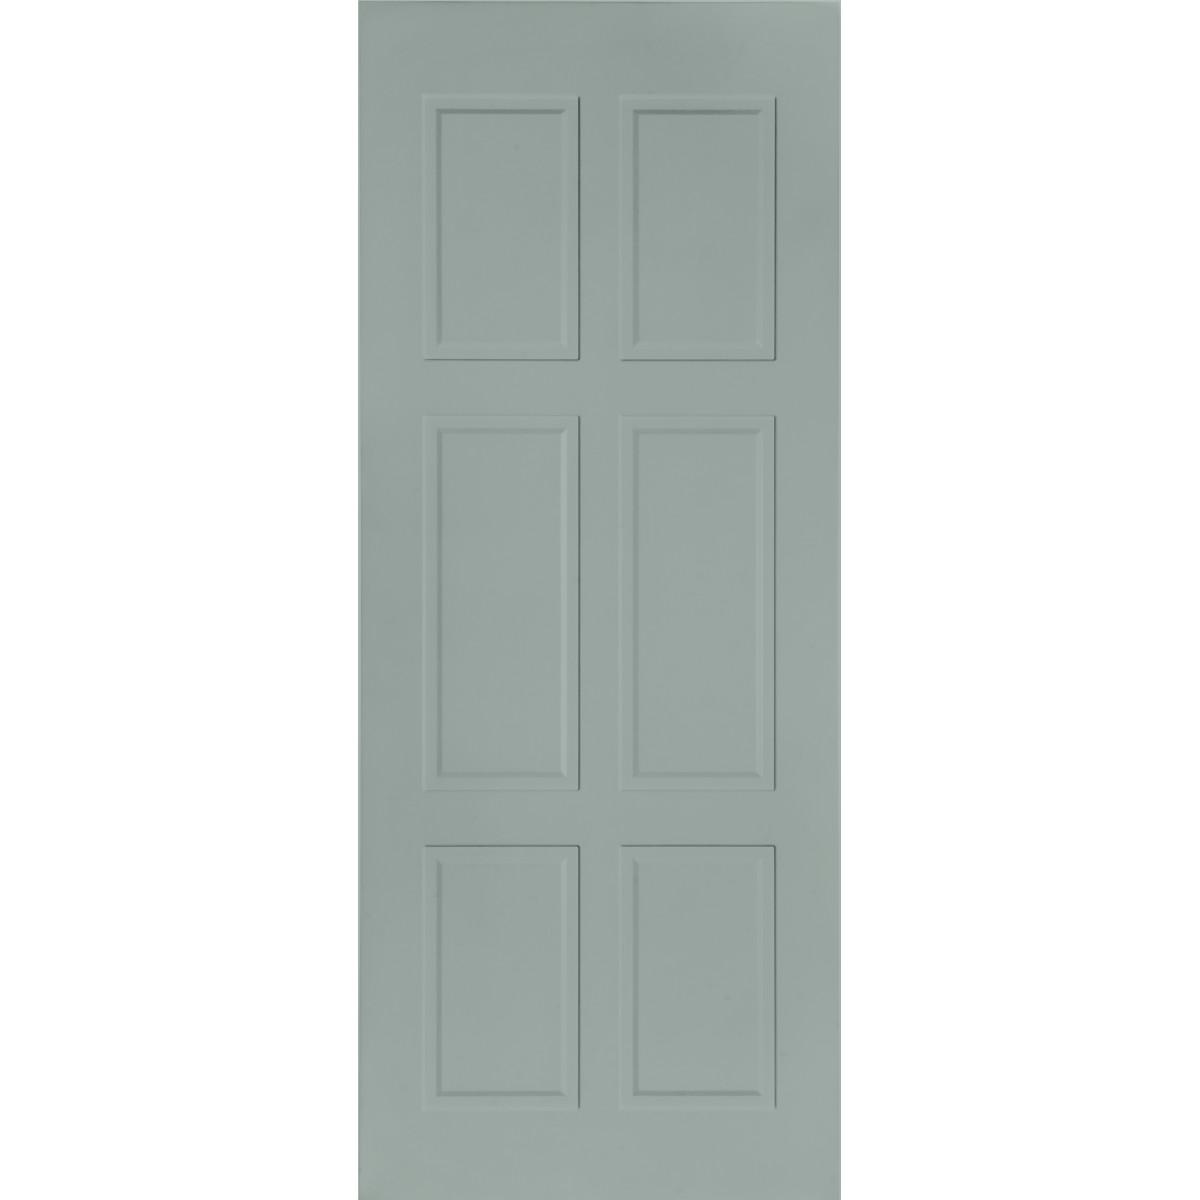 Дверь Межкомнатная Глухая Прованс 60x200 Эмаль Цвет Антрацит